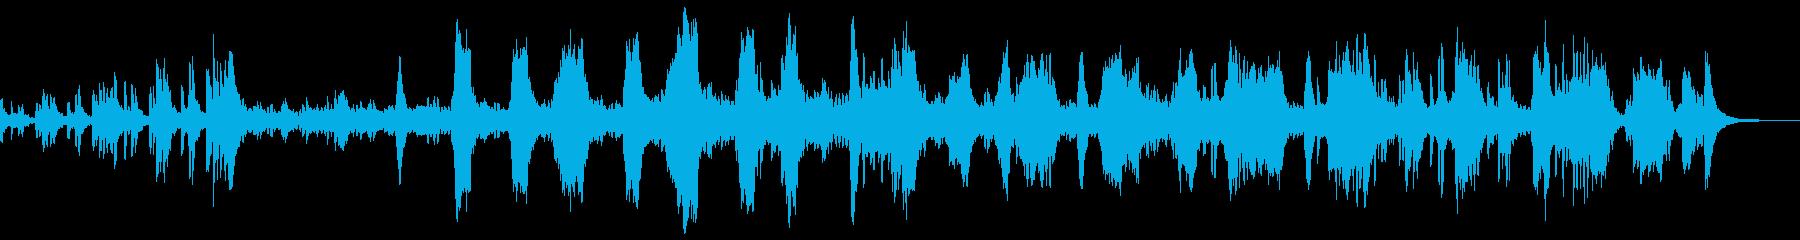 コミカル軽快な映画サントラ風オーケストラの再生済みの波形